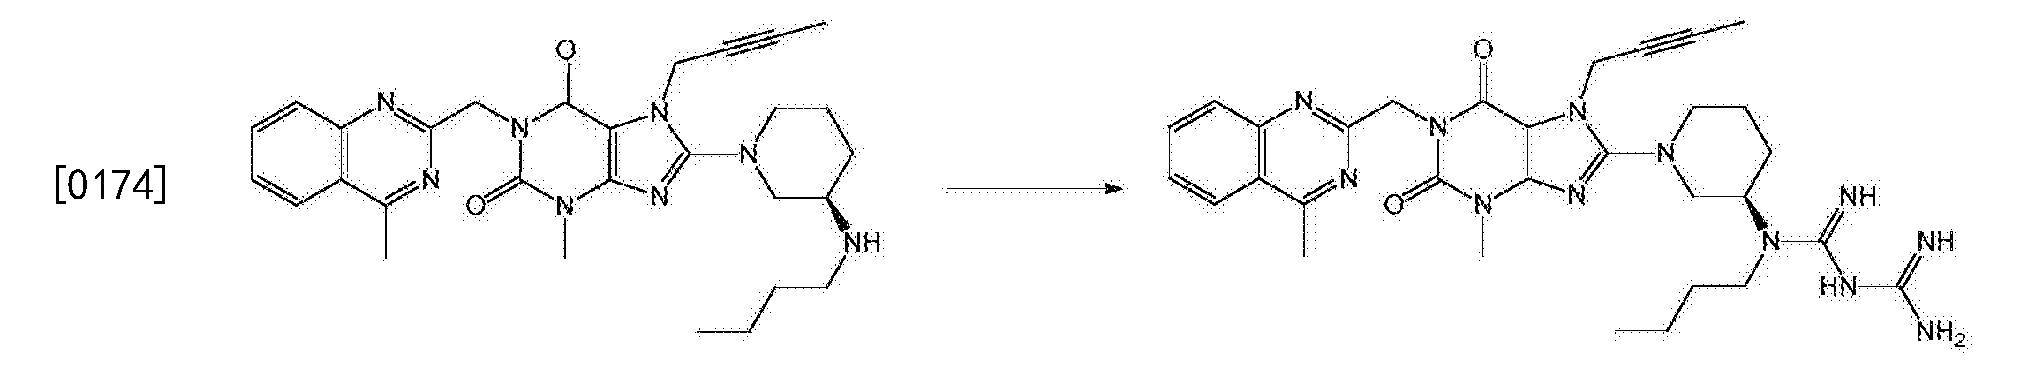 Figure CN105503873BD00182